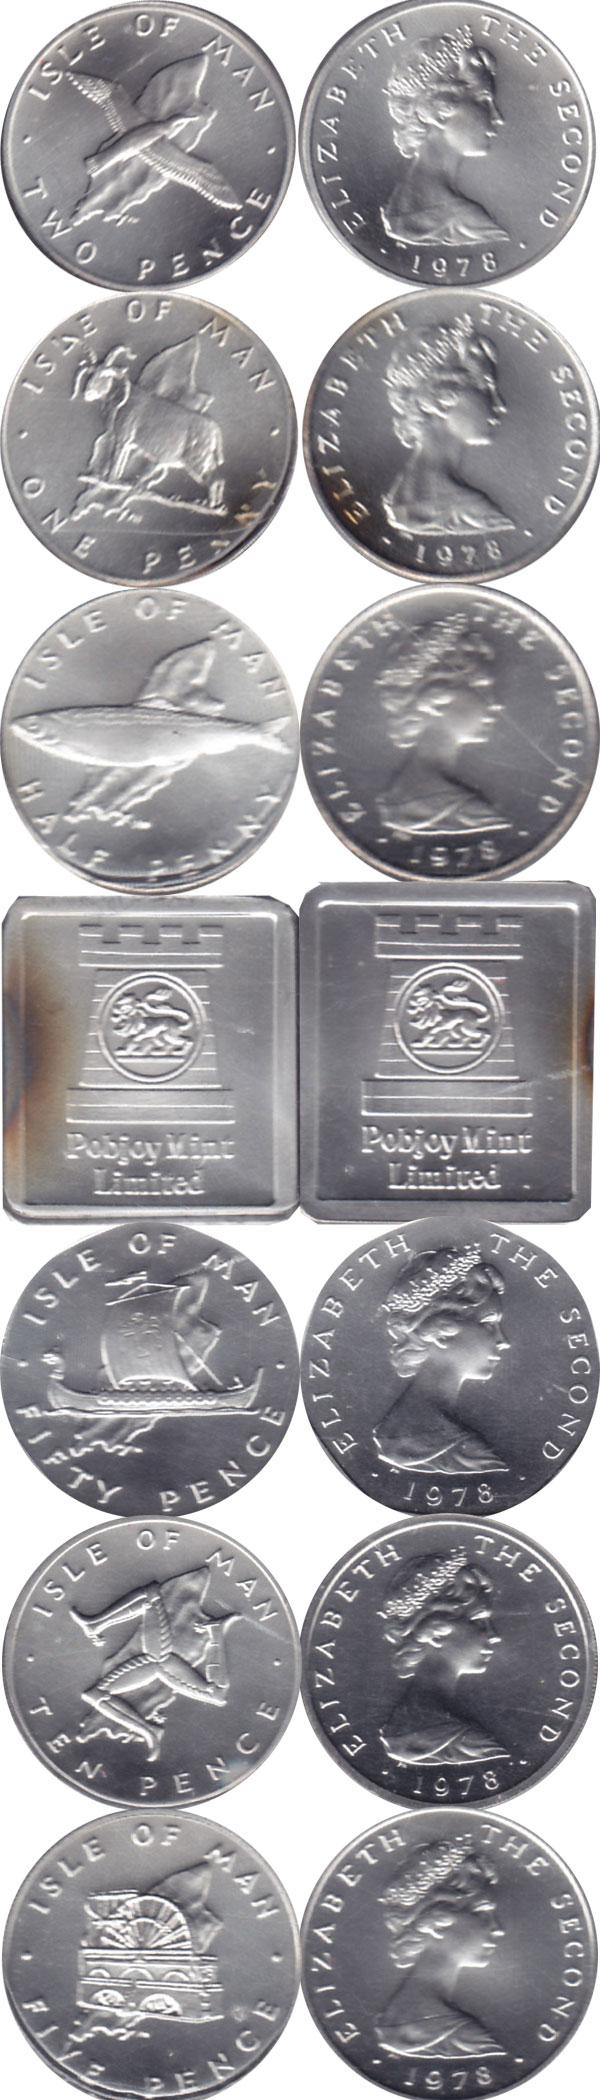 Картинка Подарочные наборы Остров Мэн Выпуск 1978 года в серебре Серебро 1978